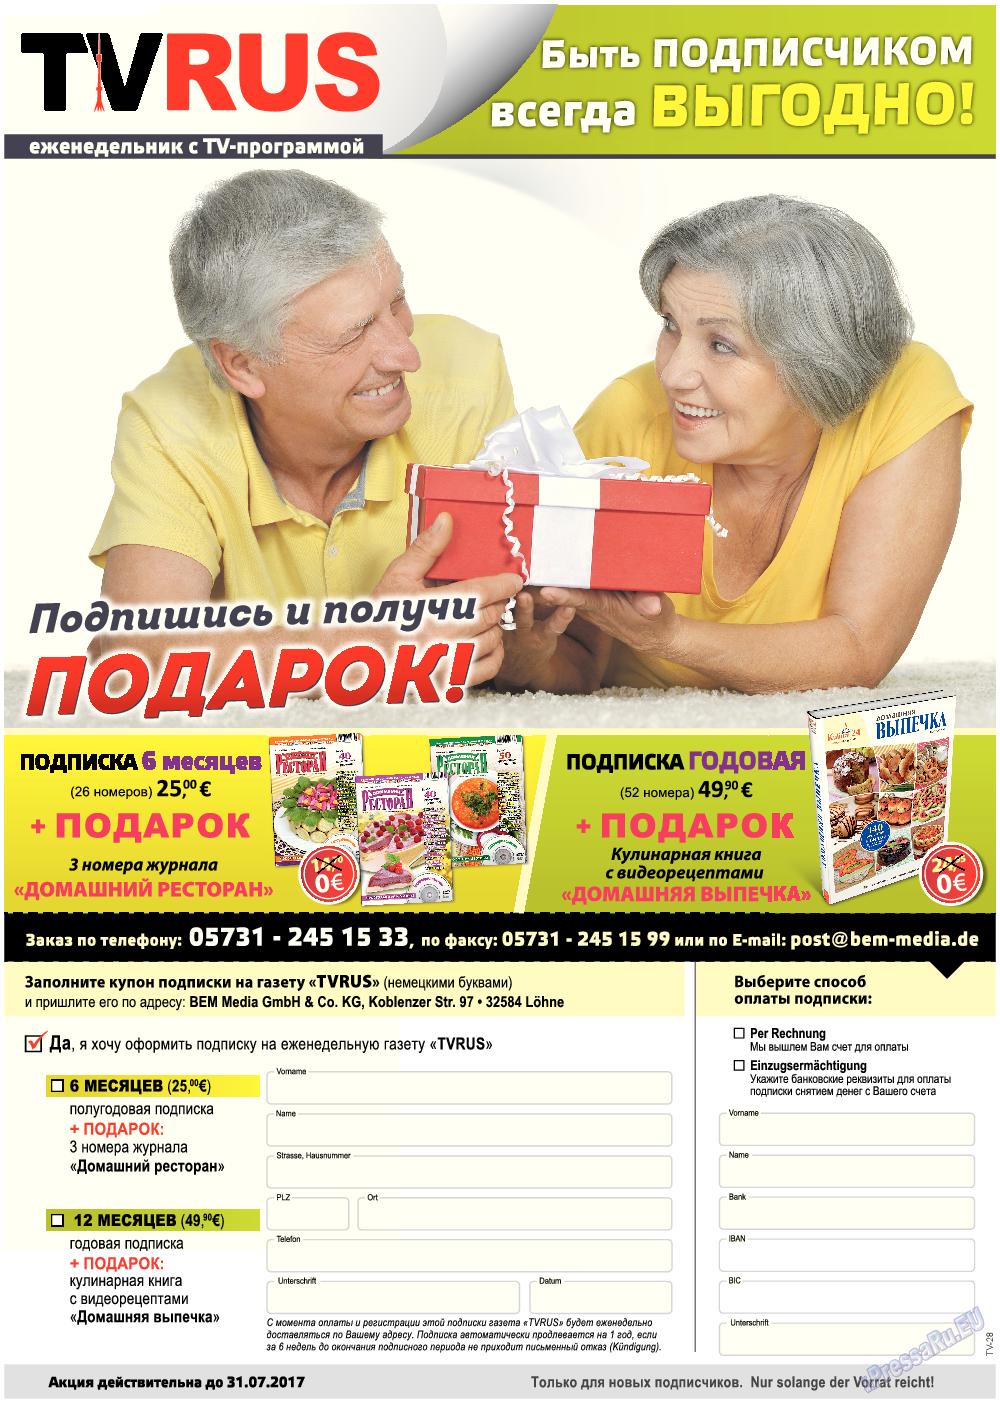 TVrus (газета). 2017 год, номер 28, стр. 55